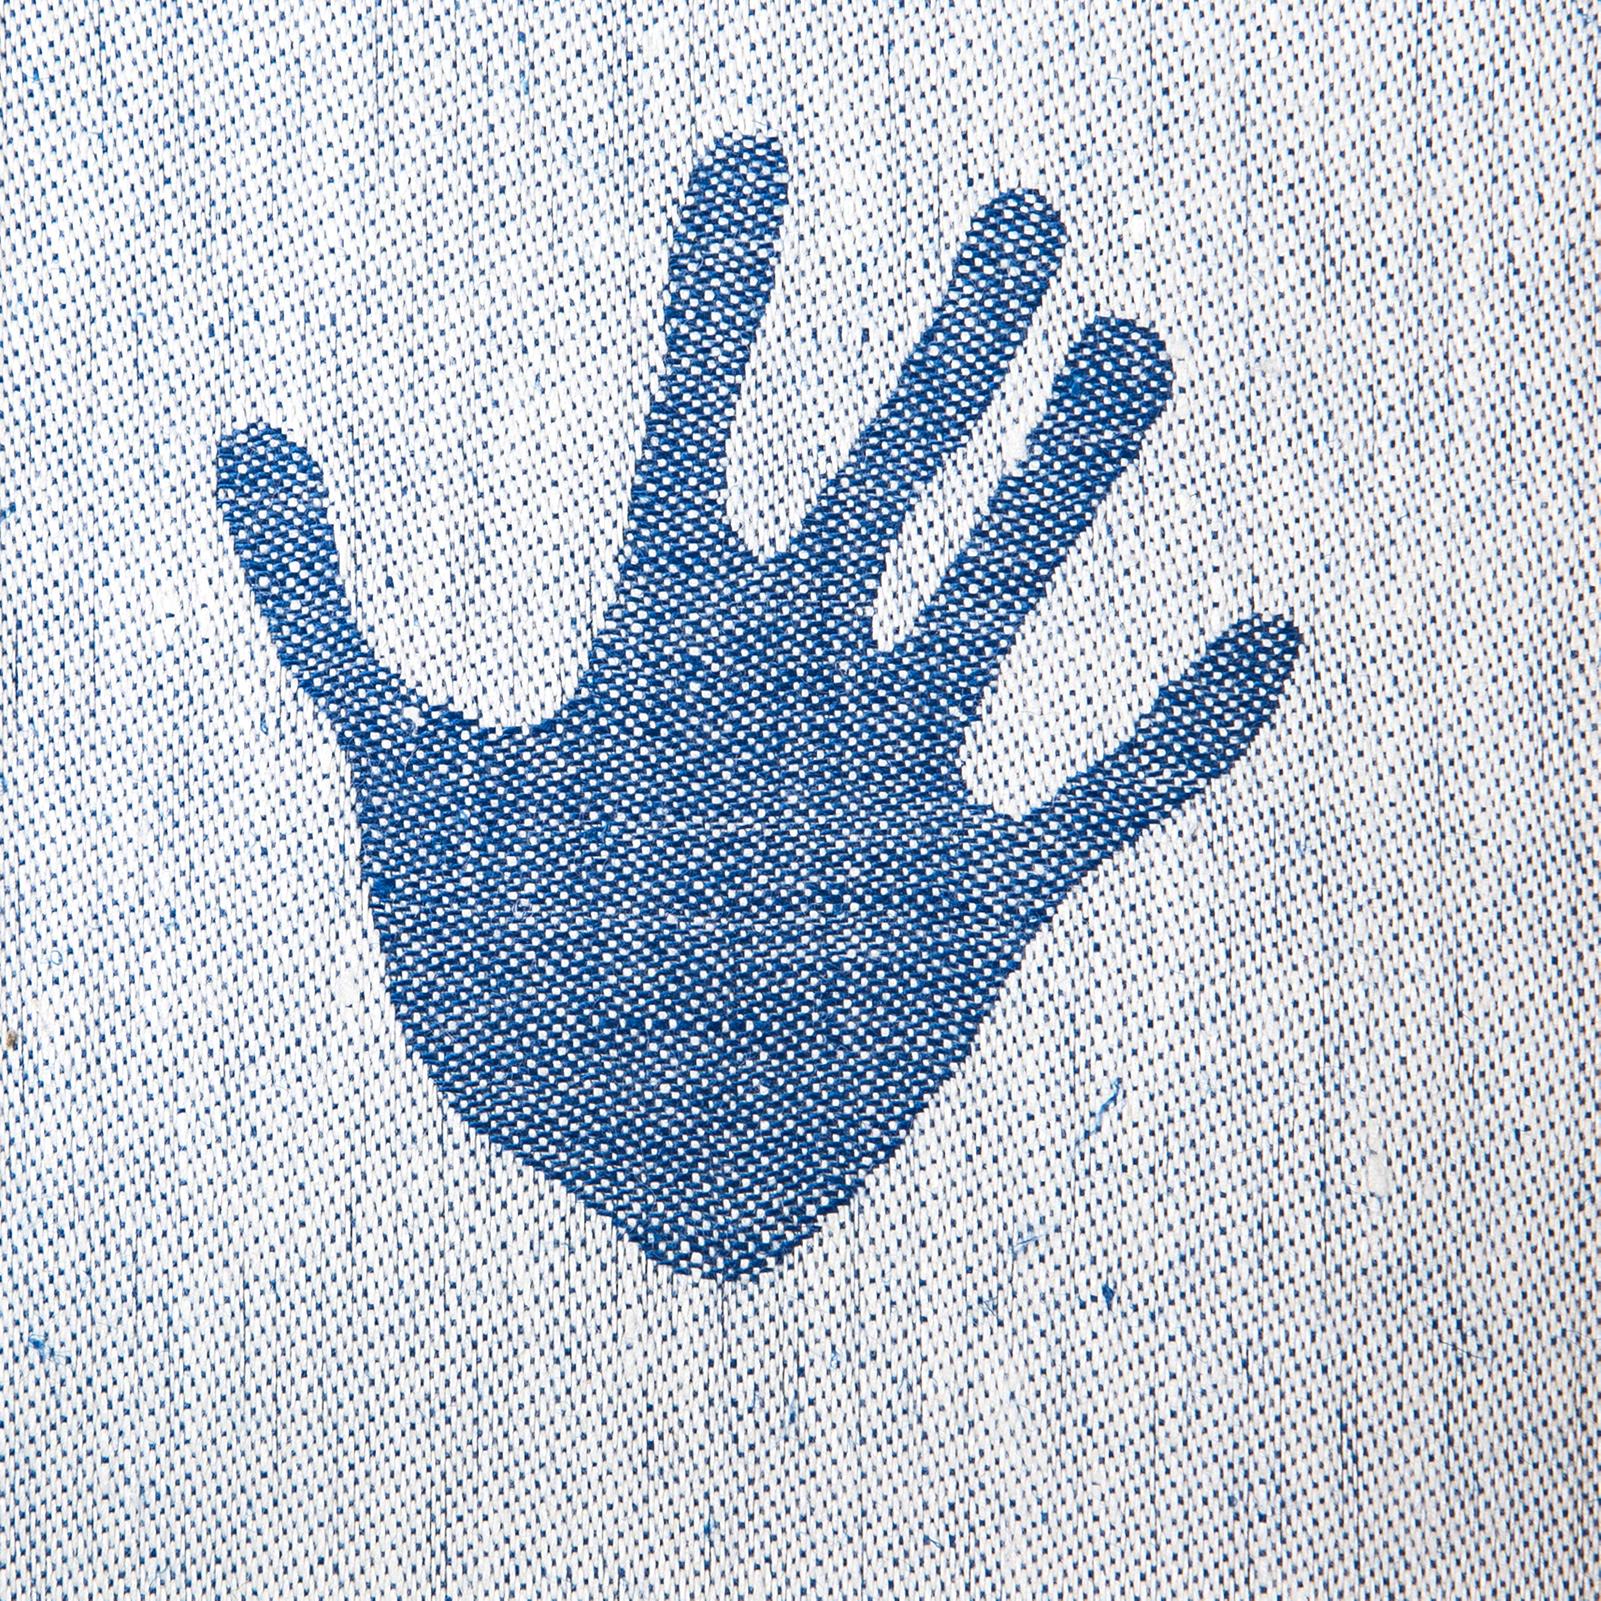 Handduken hellinne Klässbols Linneväveri Alf Levin cerise mörkblå